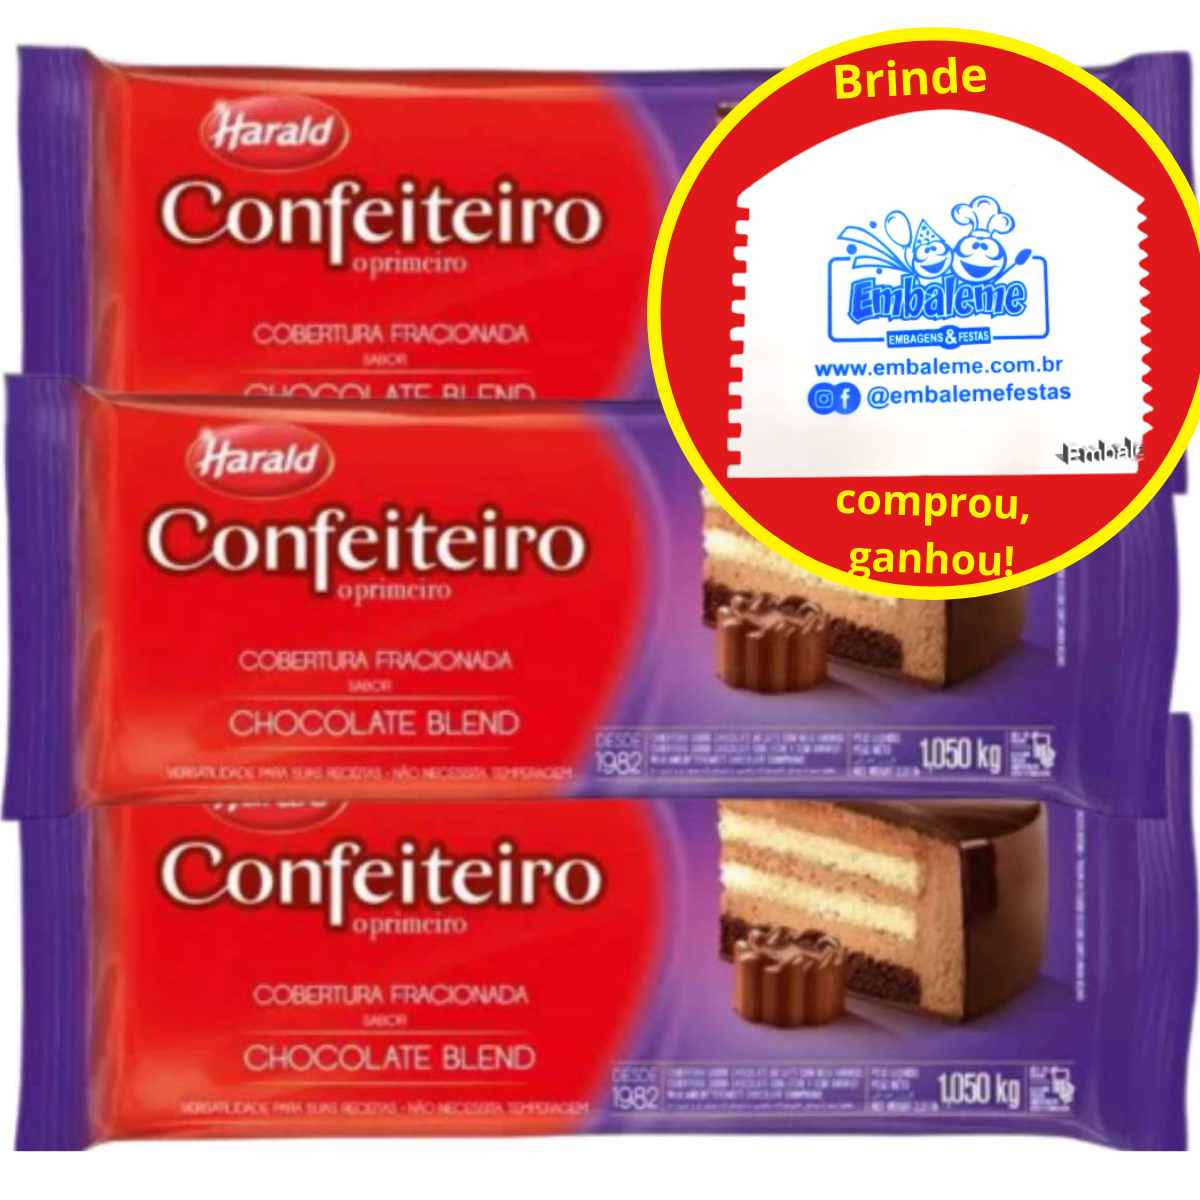 Cobertura Fracionada Harald Confeiteiro Blend 1kg C/3